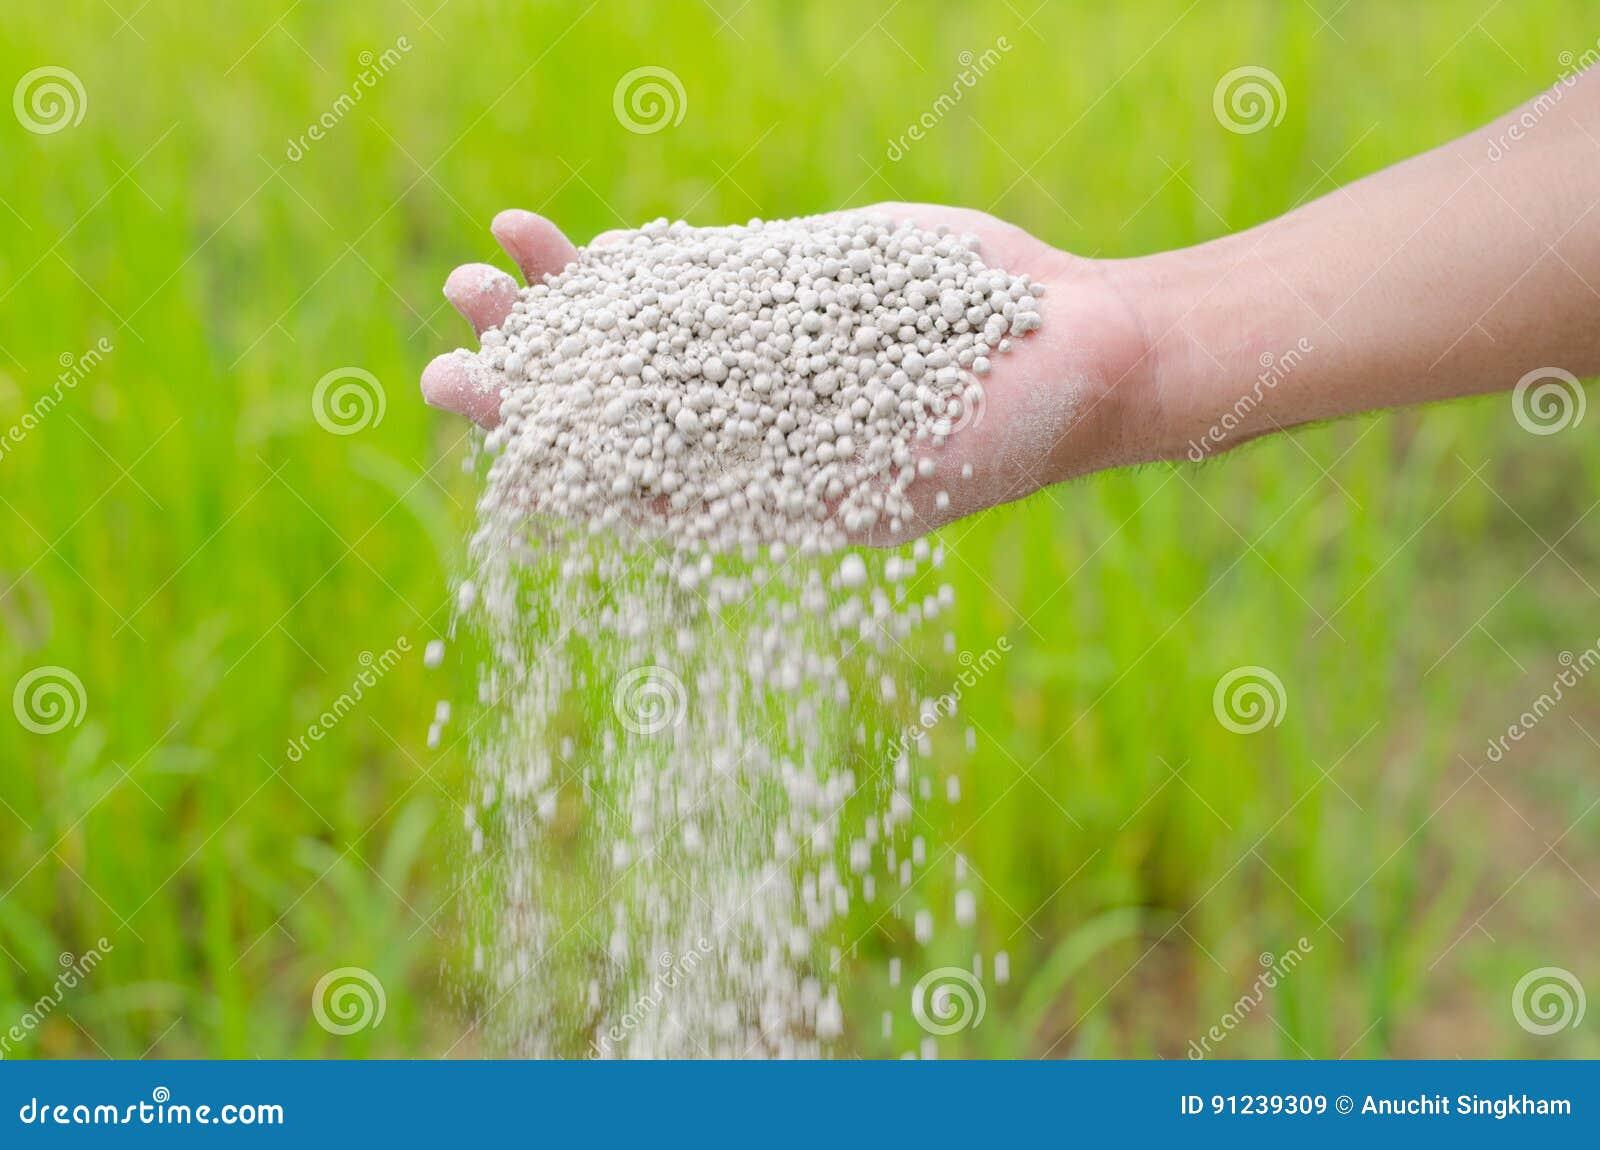 Farmer hand pouring plant chemical fertilizer